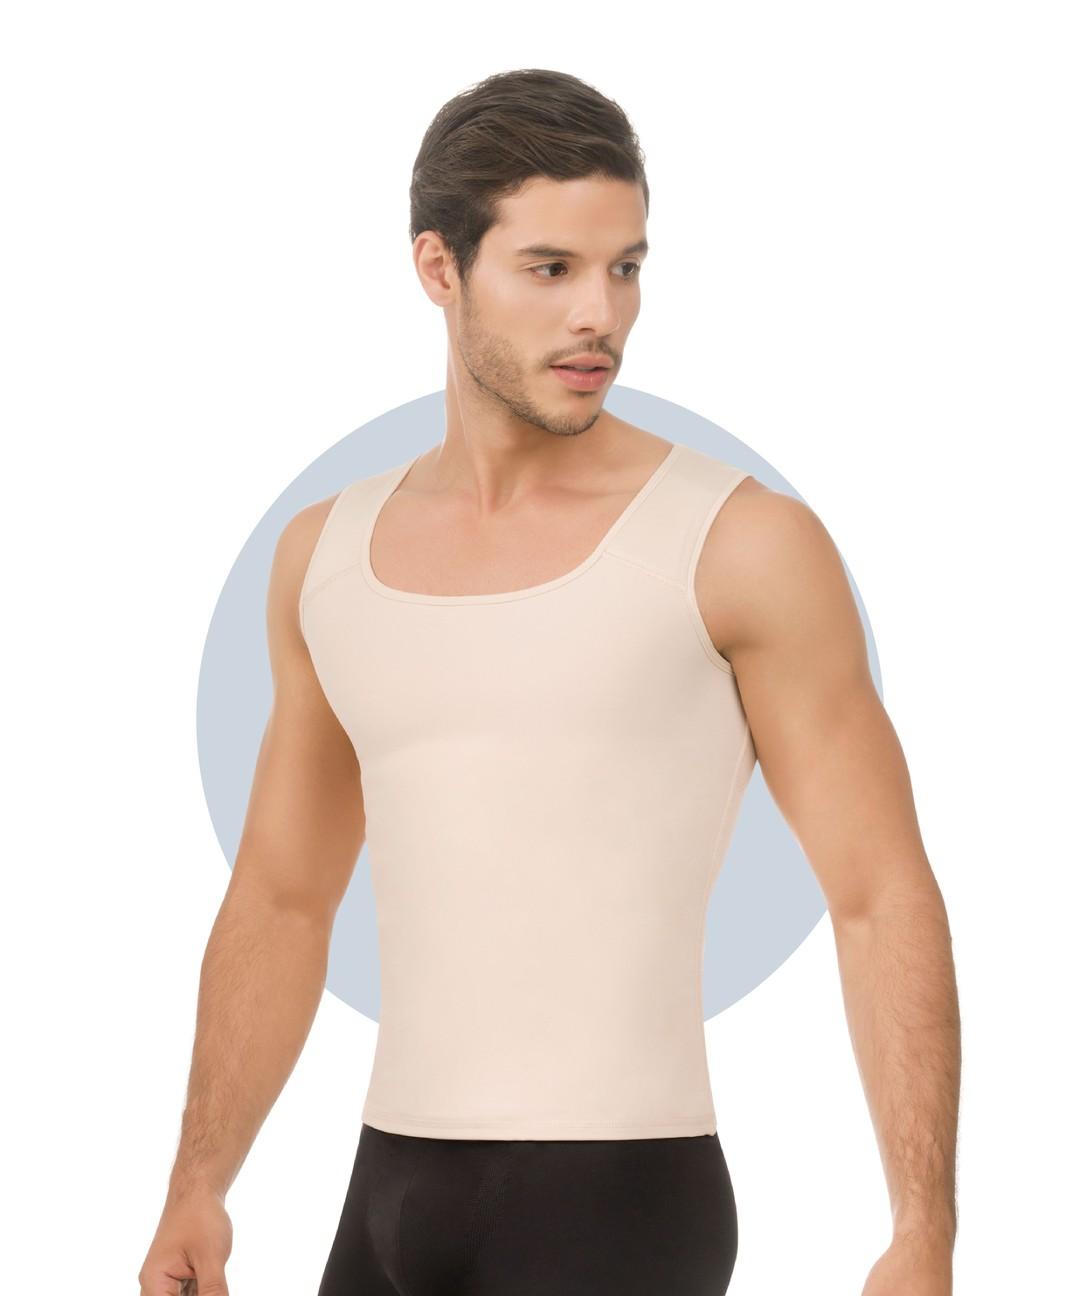 266 - Men's Thermal T-Shirt